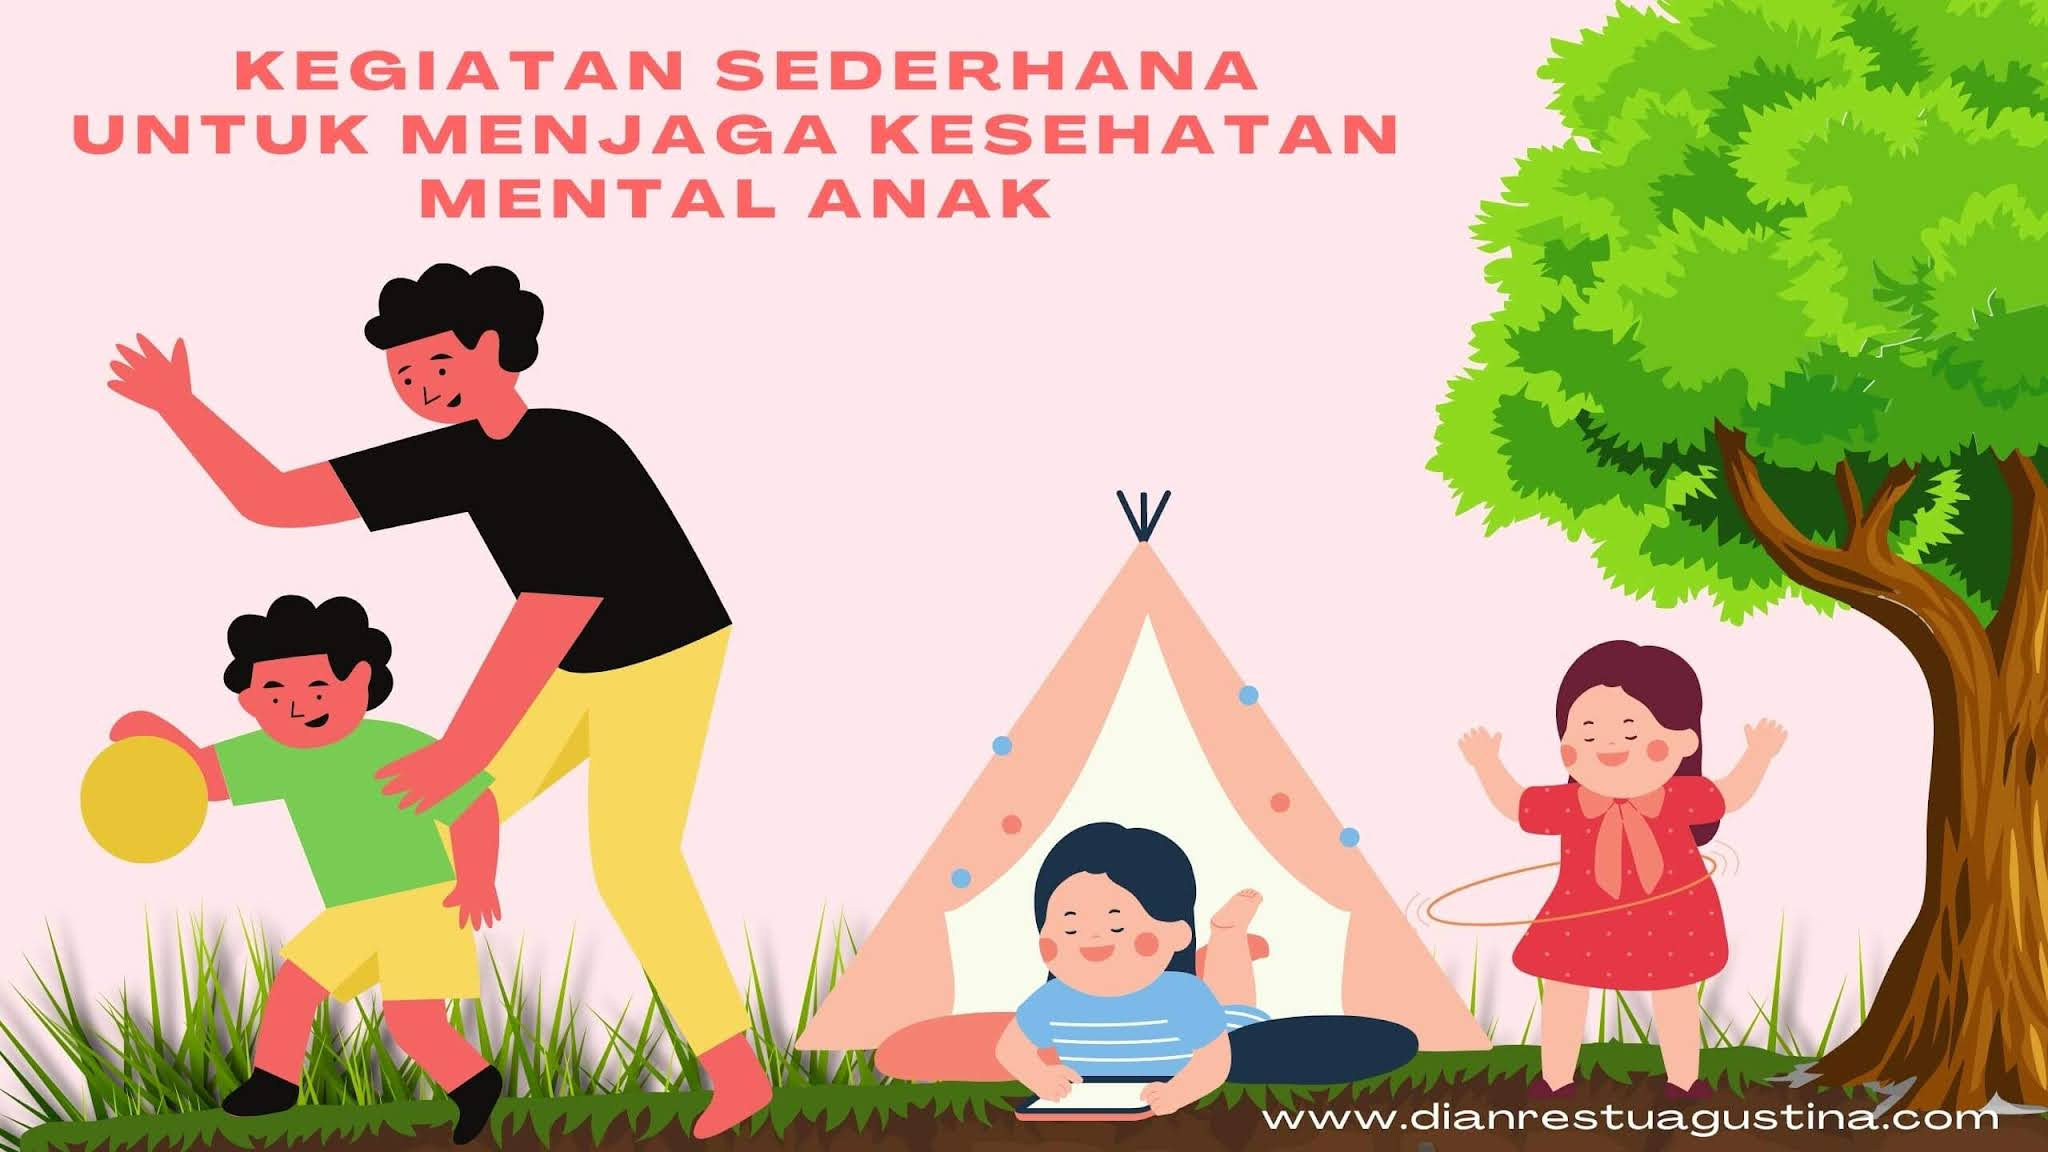 Kegiatan Sederhana untuk Menjaga Kesehatan Mental Anak